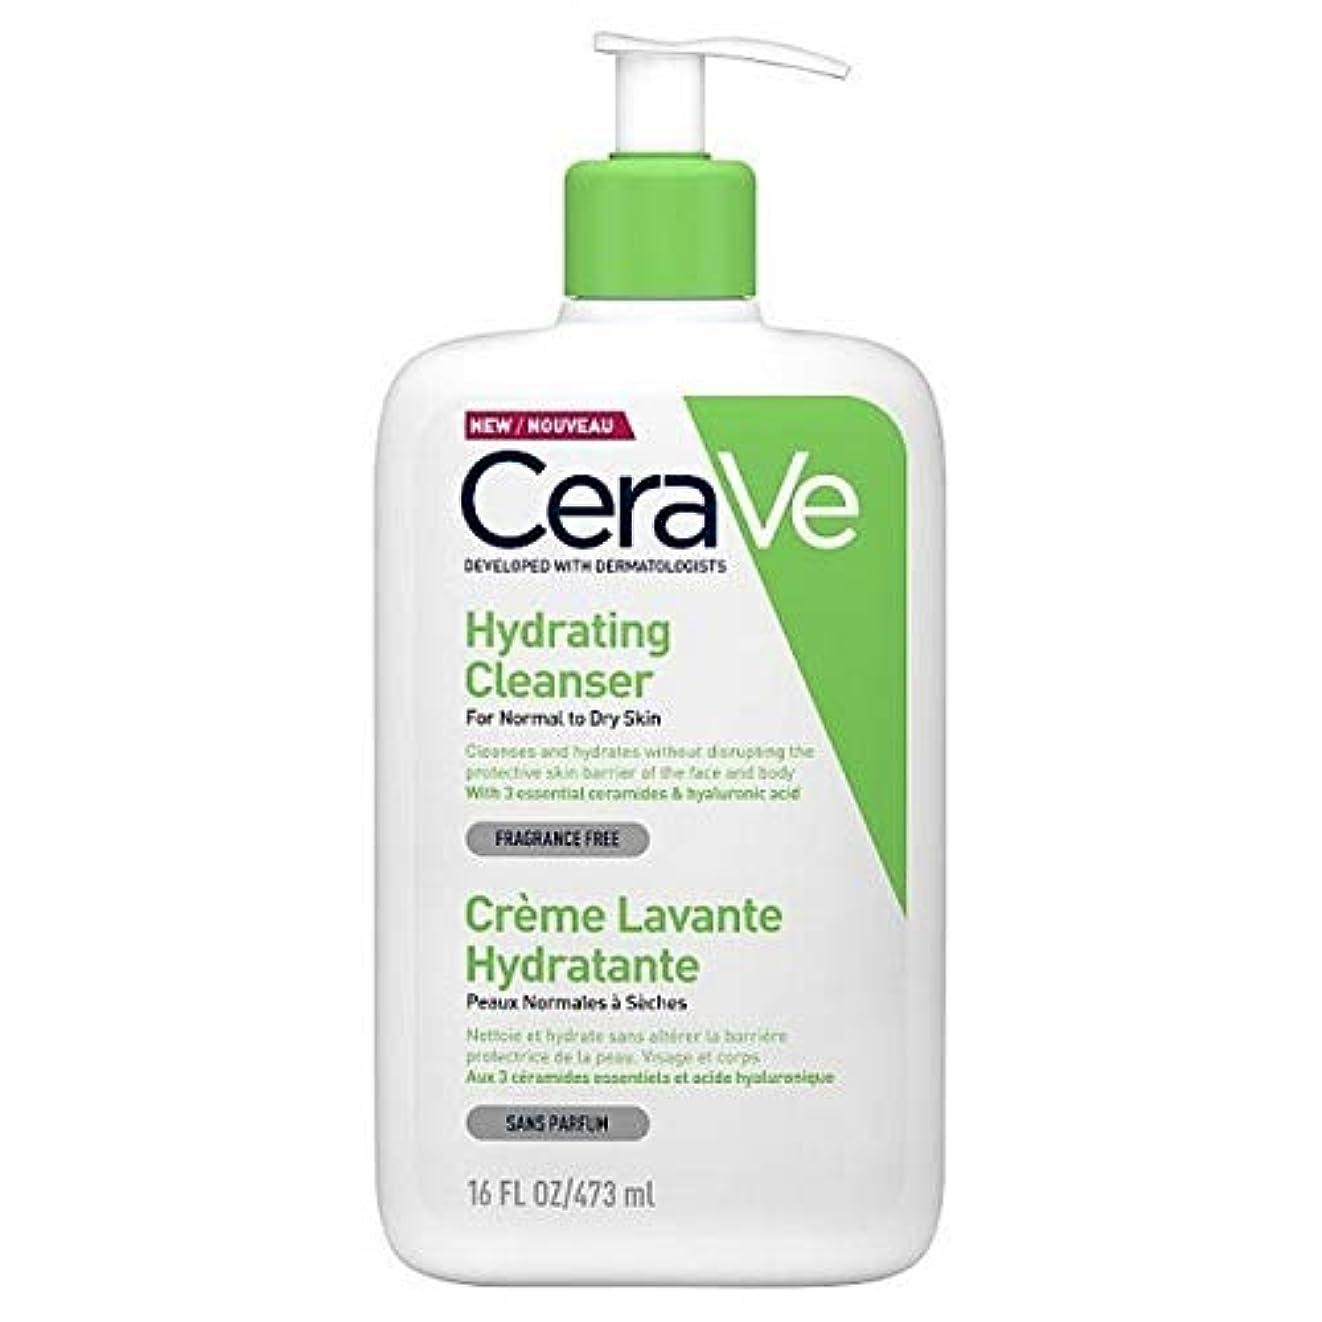 有用葬儀海洋の[CeraVe] Cerave水和クレンザー473ミリリットル - CeraVe Hydrating Cleanser 473ml [並行輸入品]